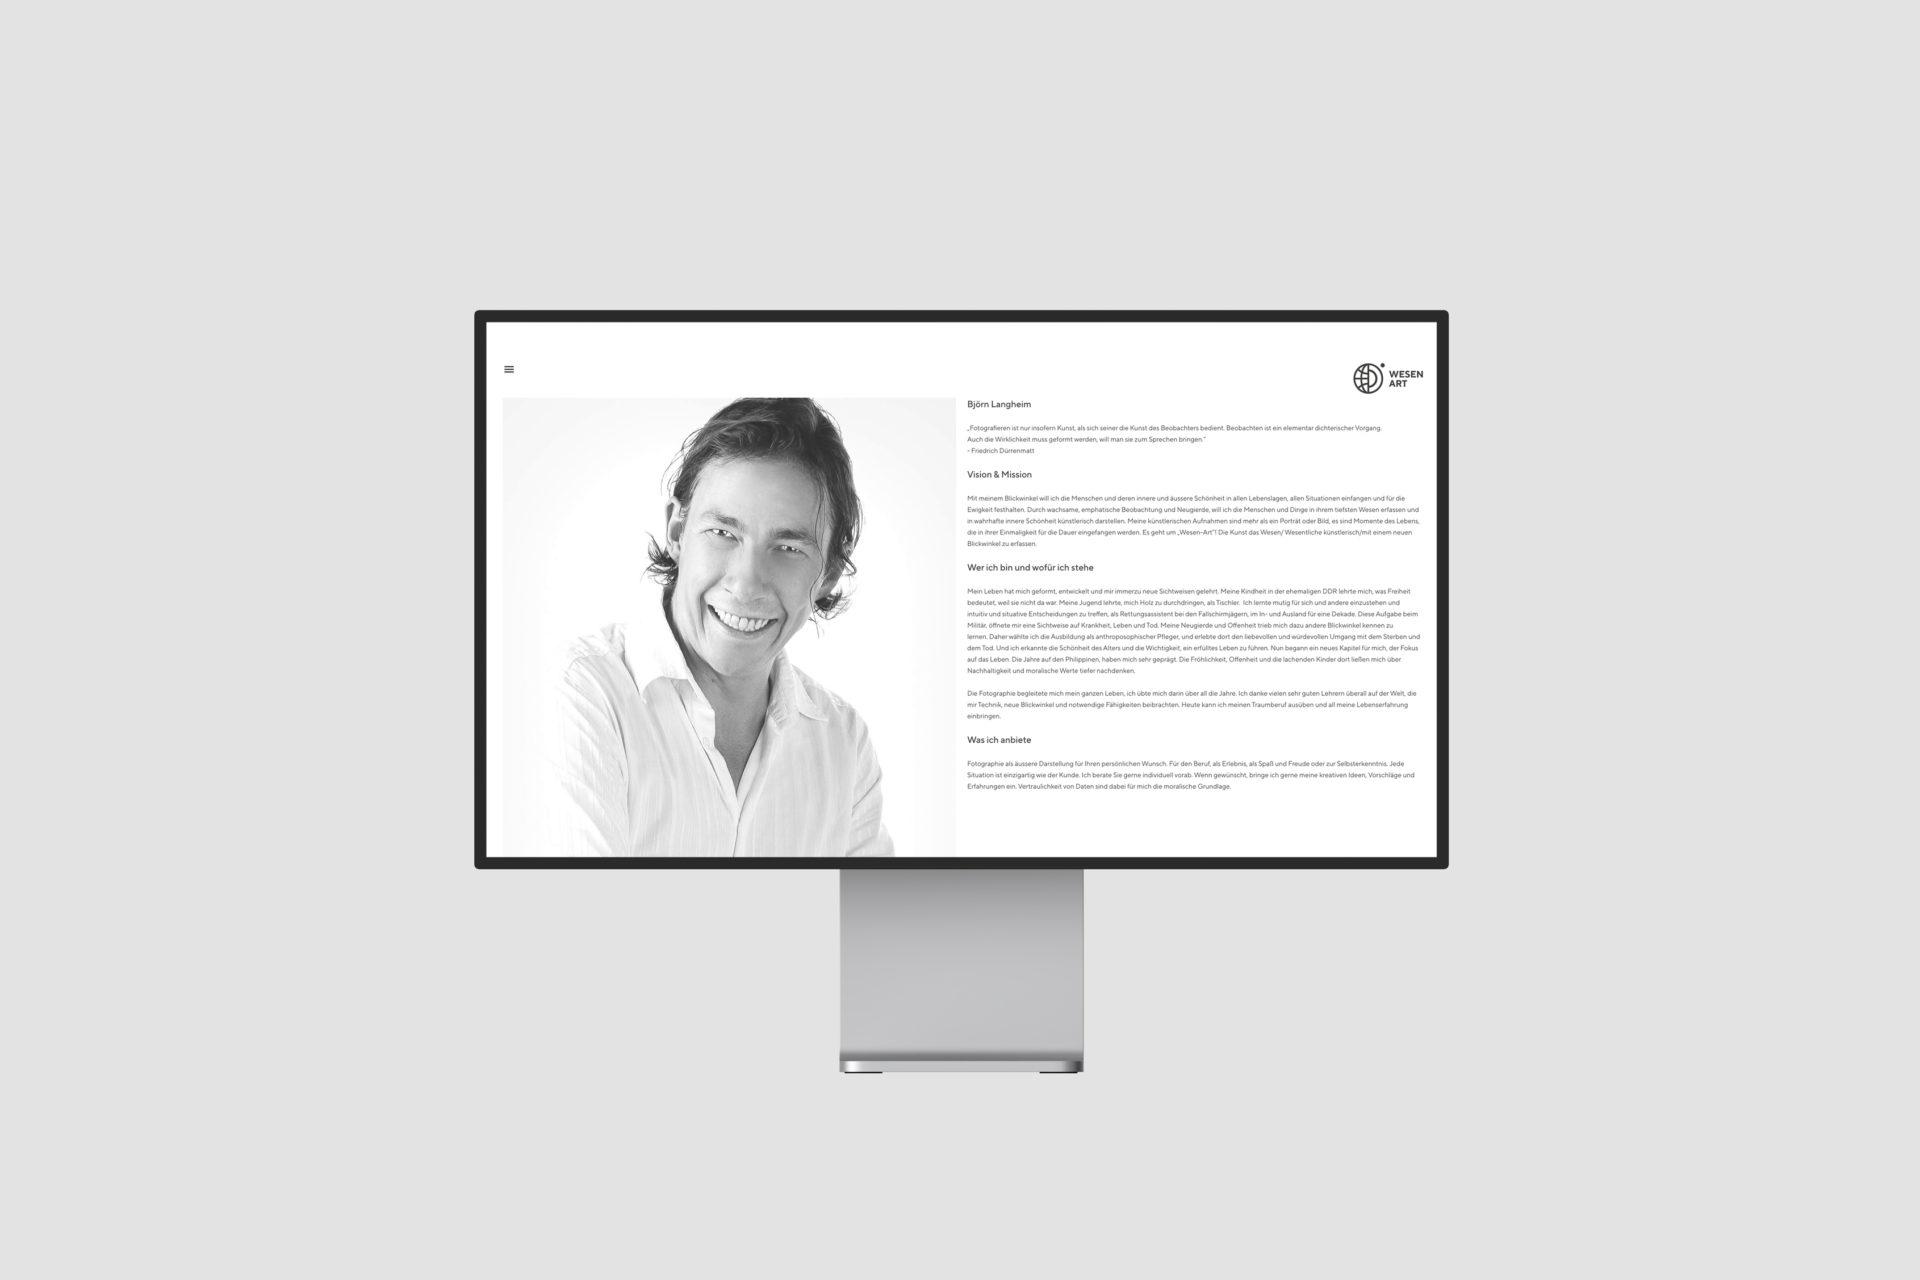 fhd_website_wesenart_case_5